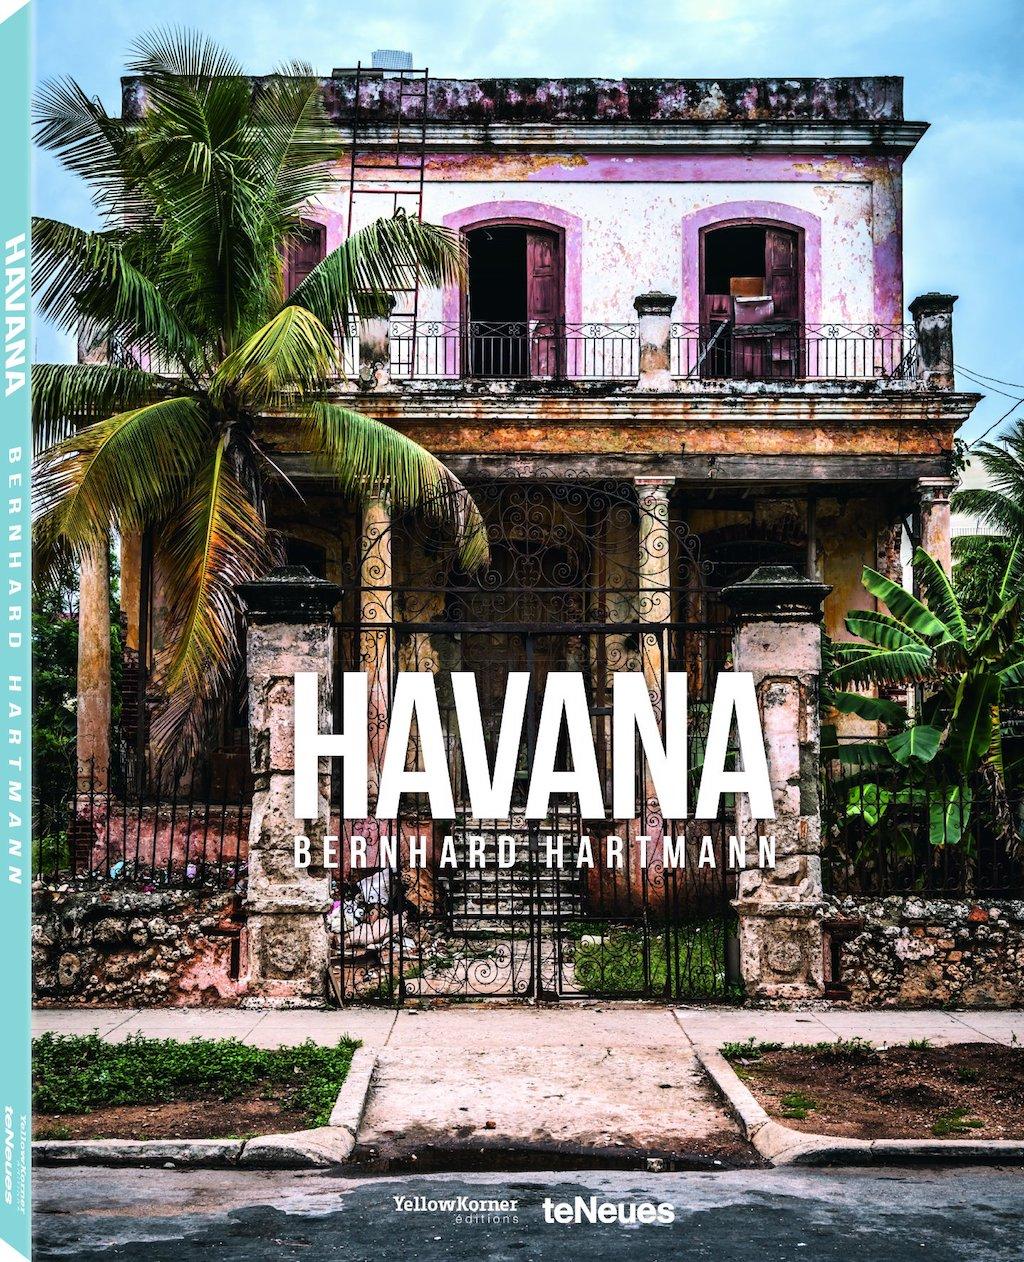 Havana by Bernhard Hartmann   Courtesy of teNeues